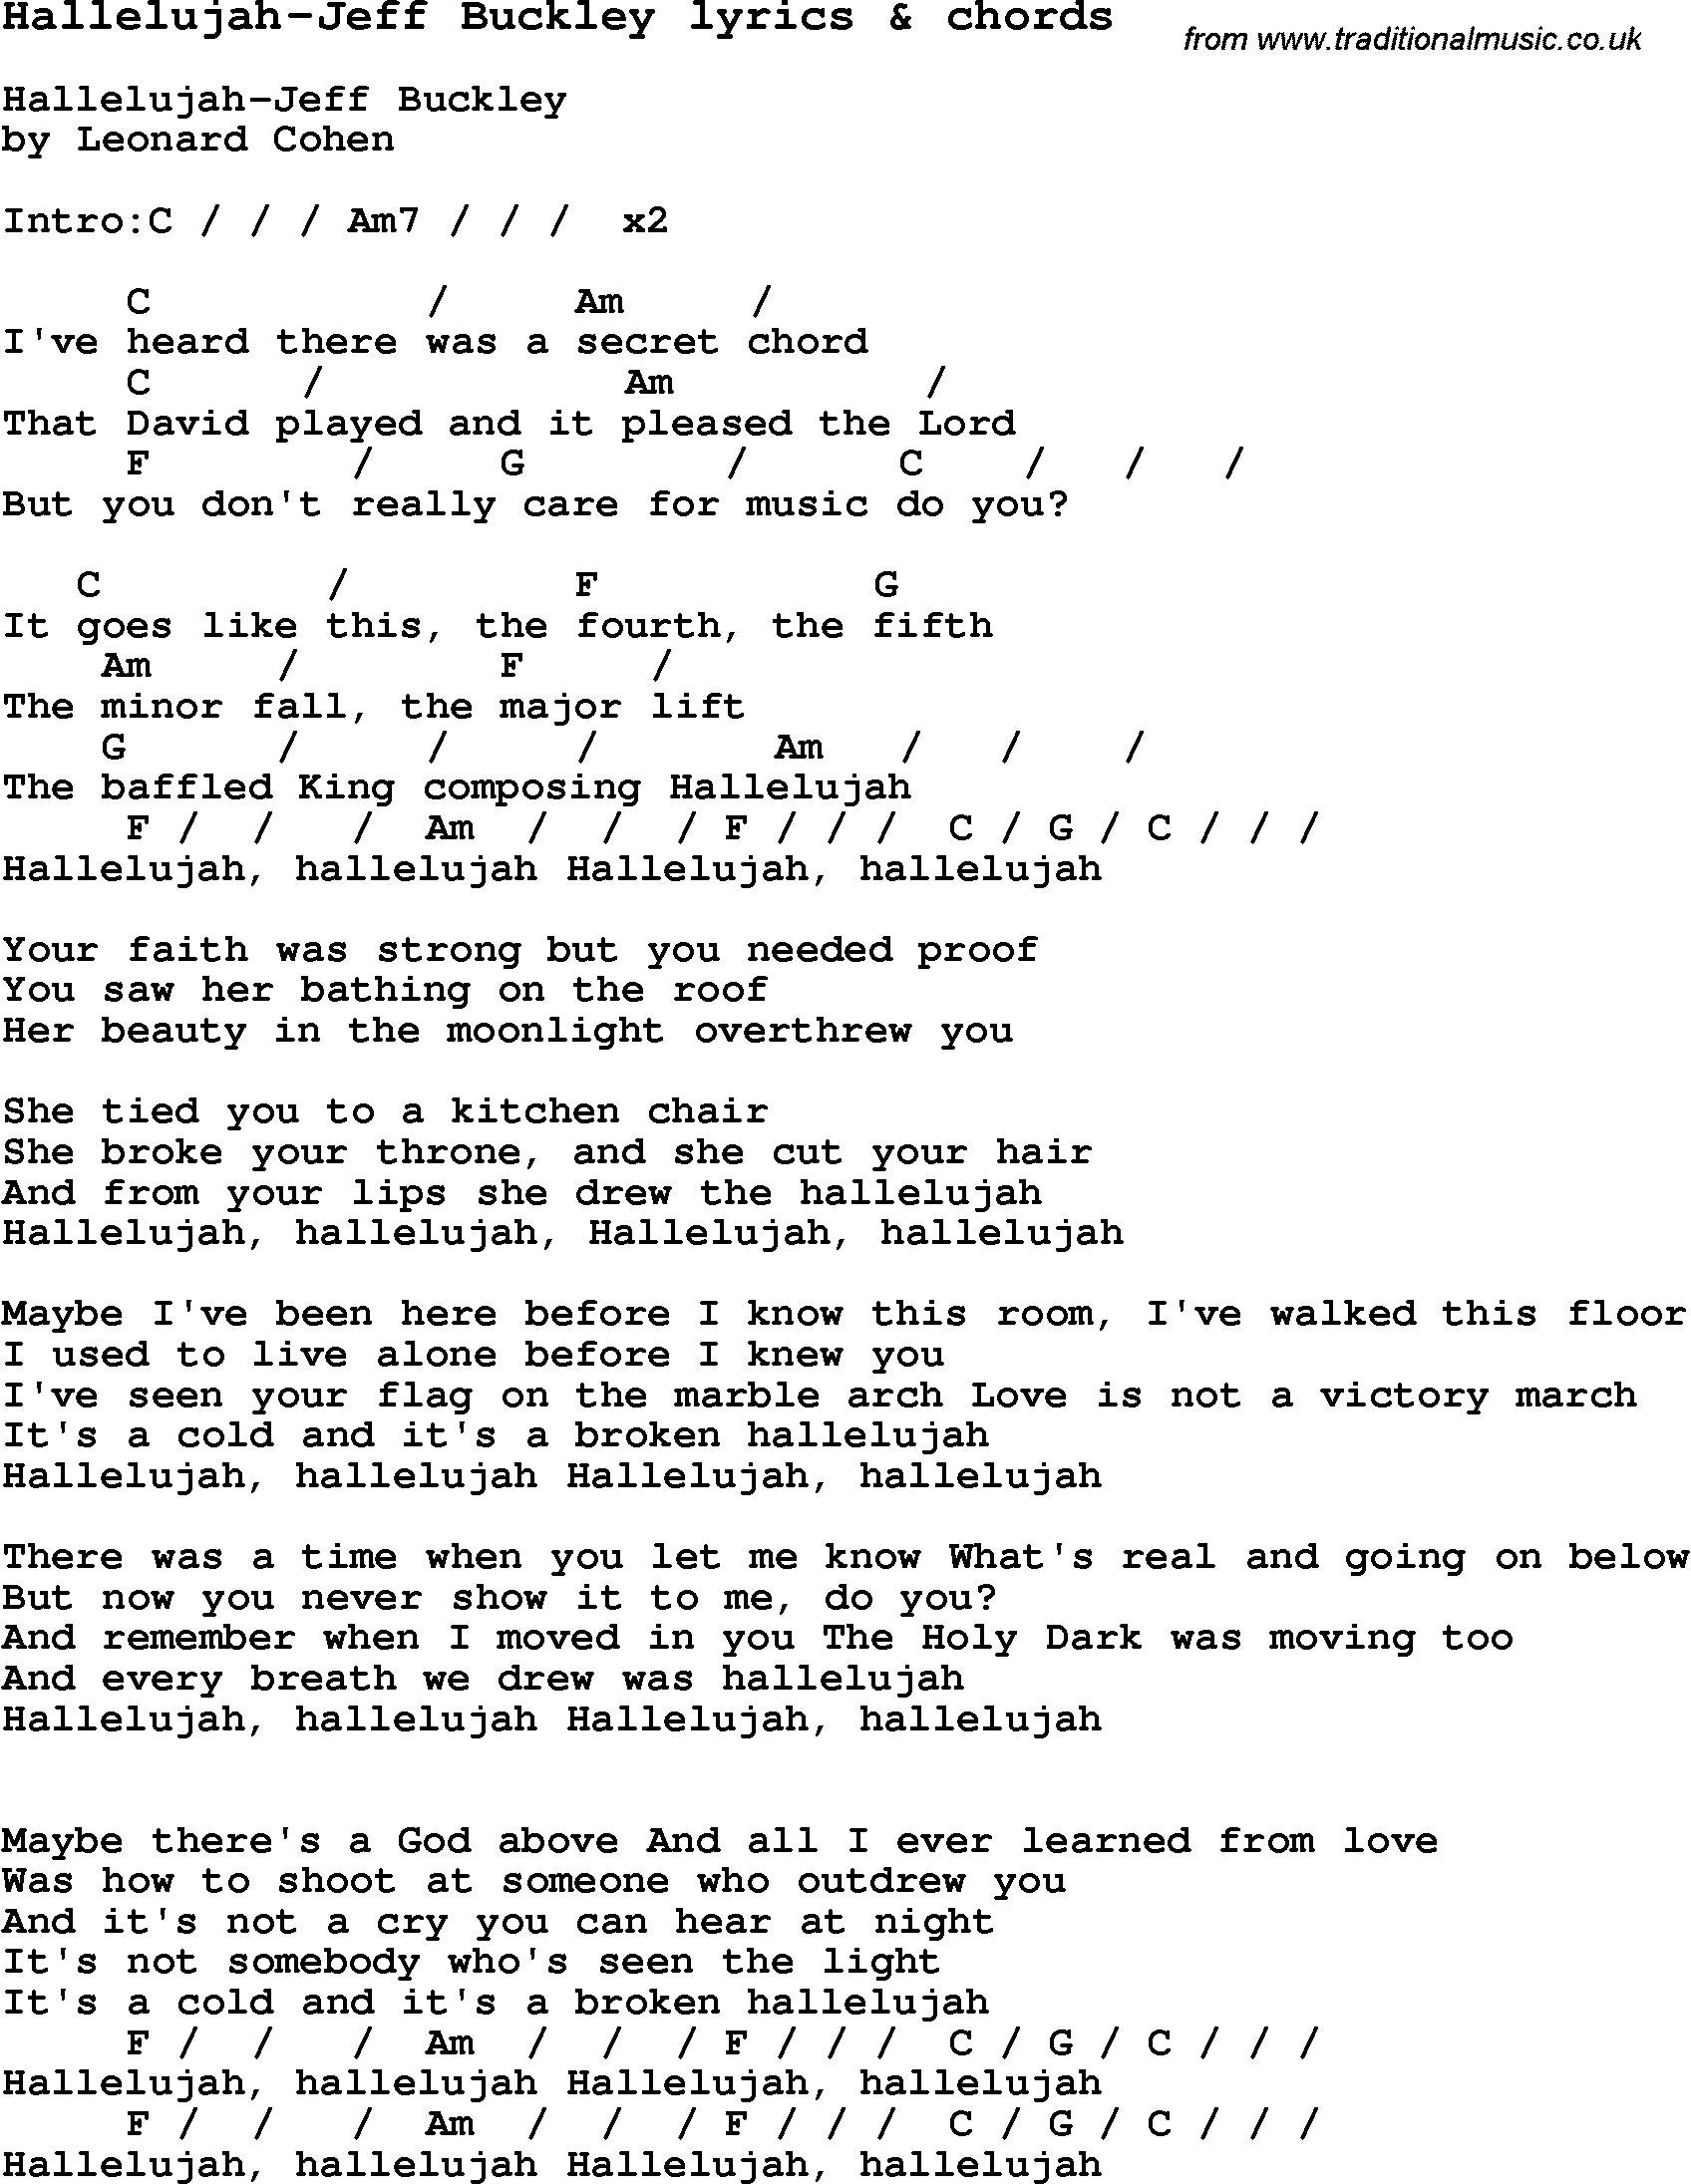 Hallelujah Ukulele Chords Love Song Lyrics Forhallelujah Jeff Buckley With Chords